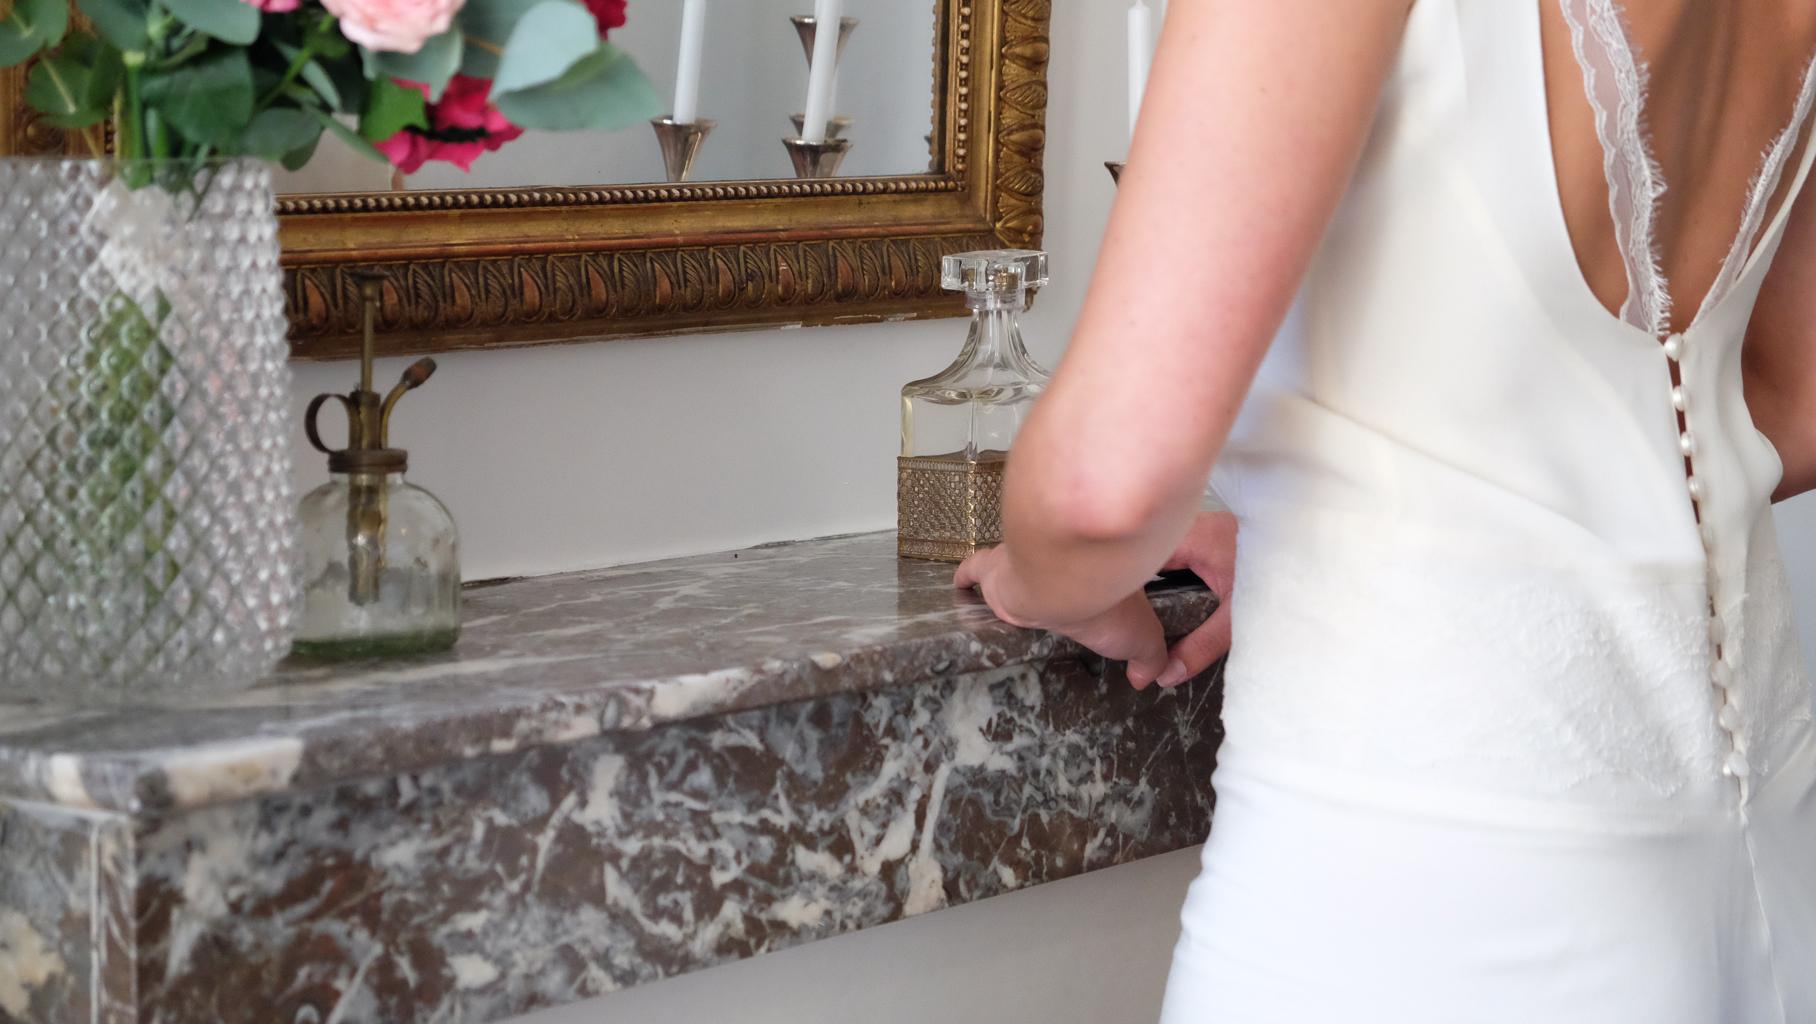 Lucie Fouquet robe Chloé dos nu rubans de dentelle boutons ciselés